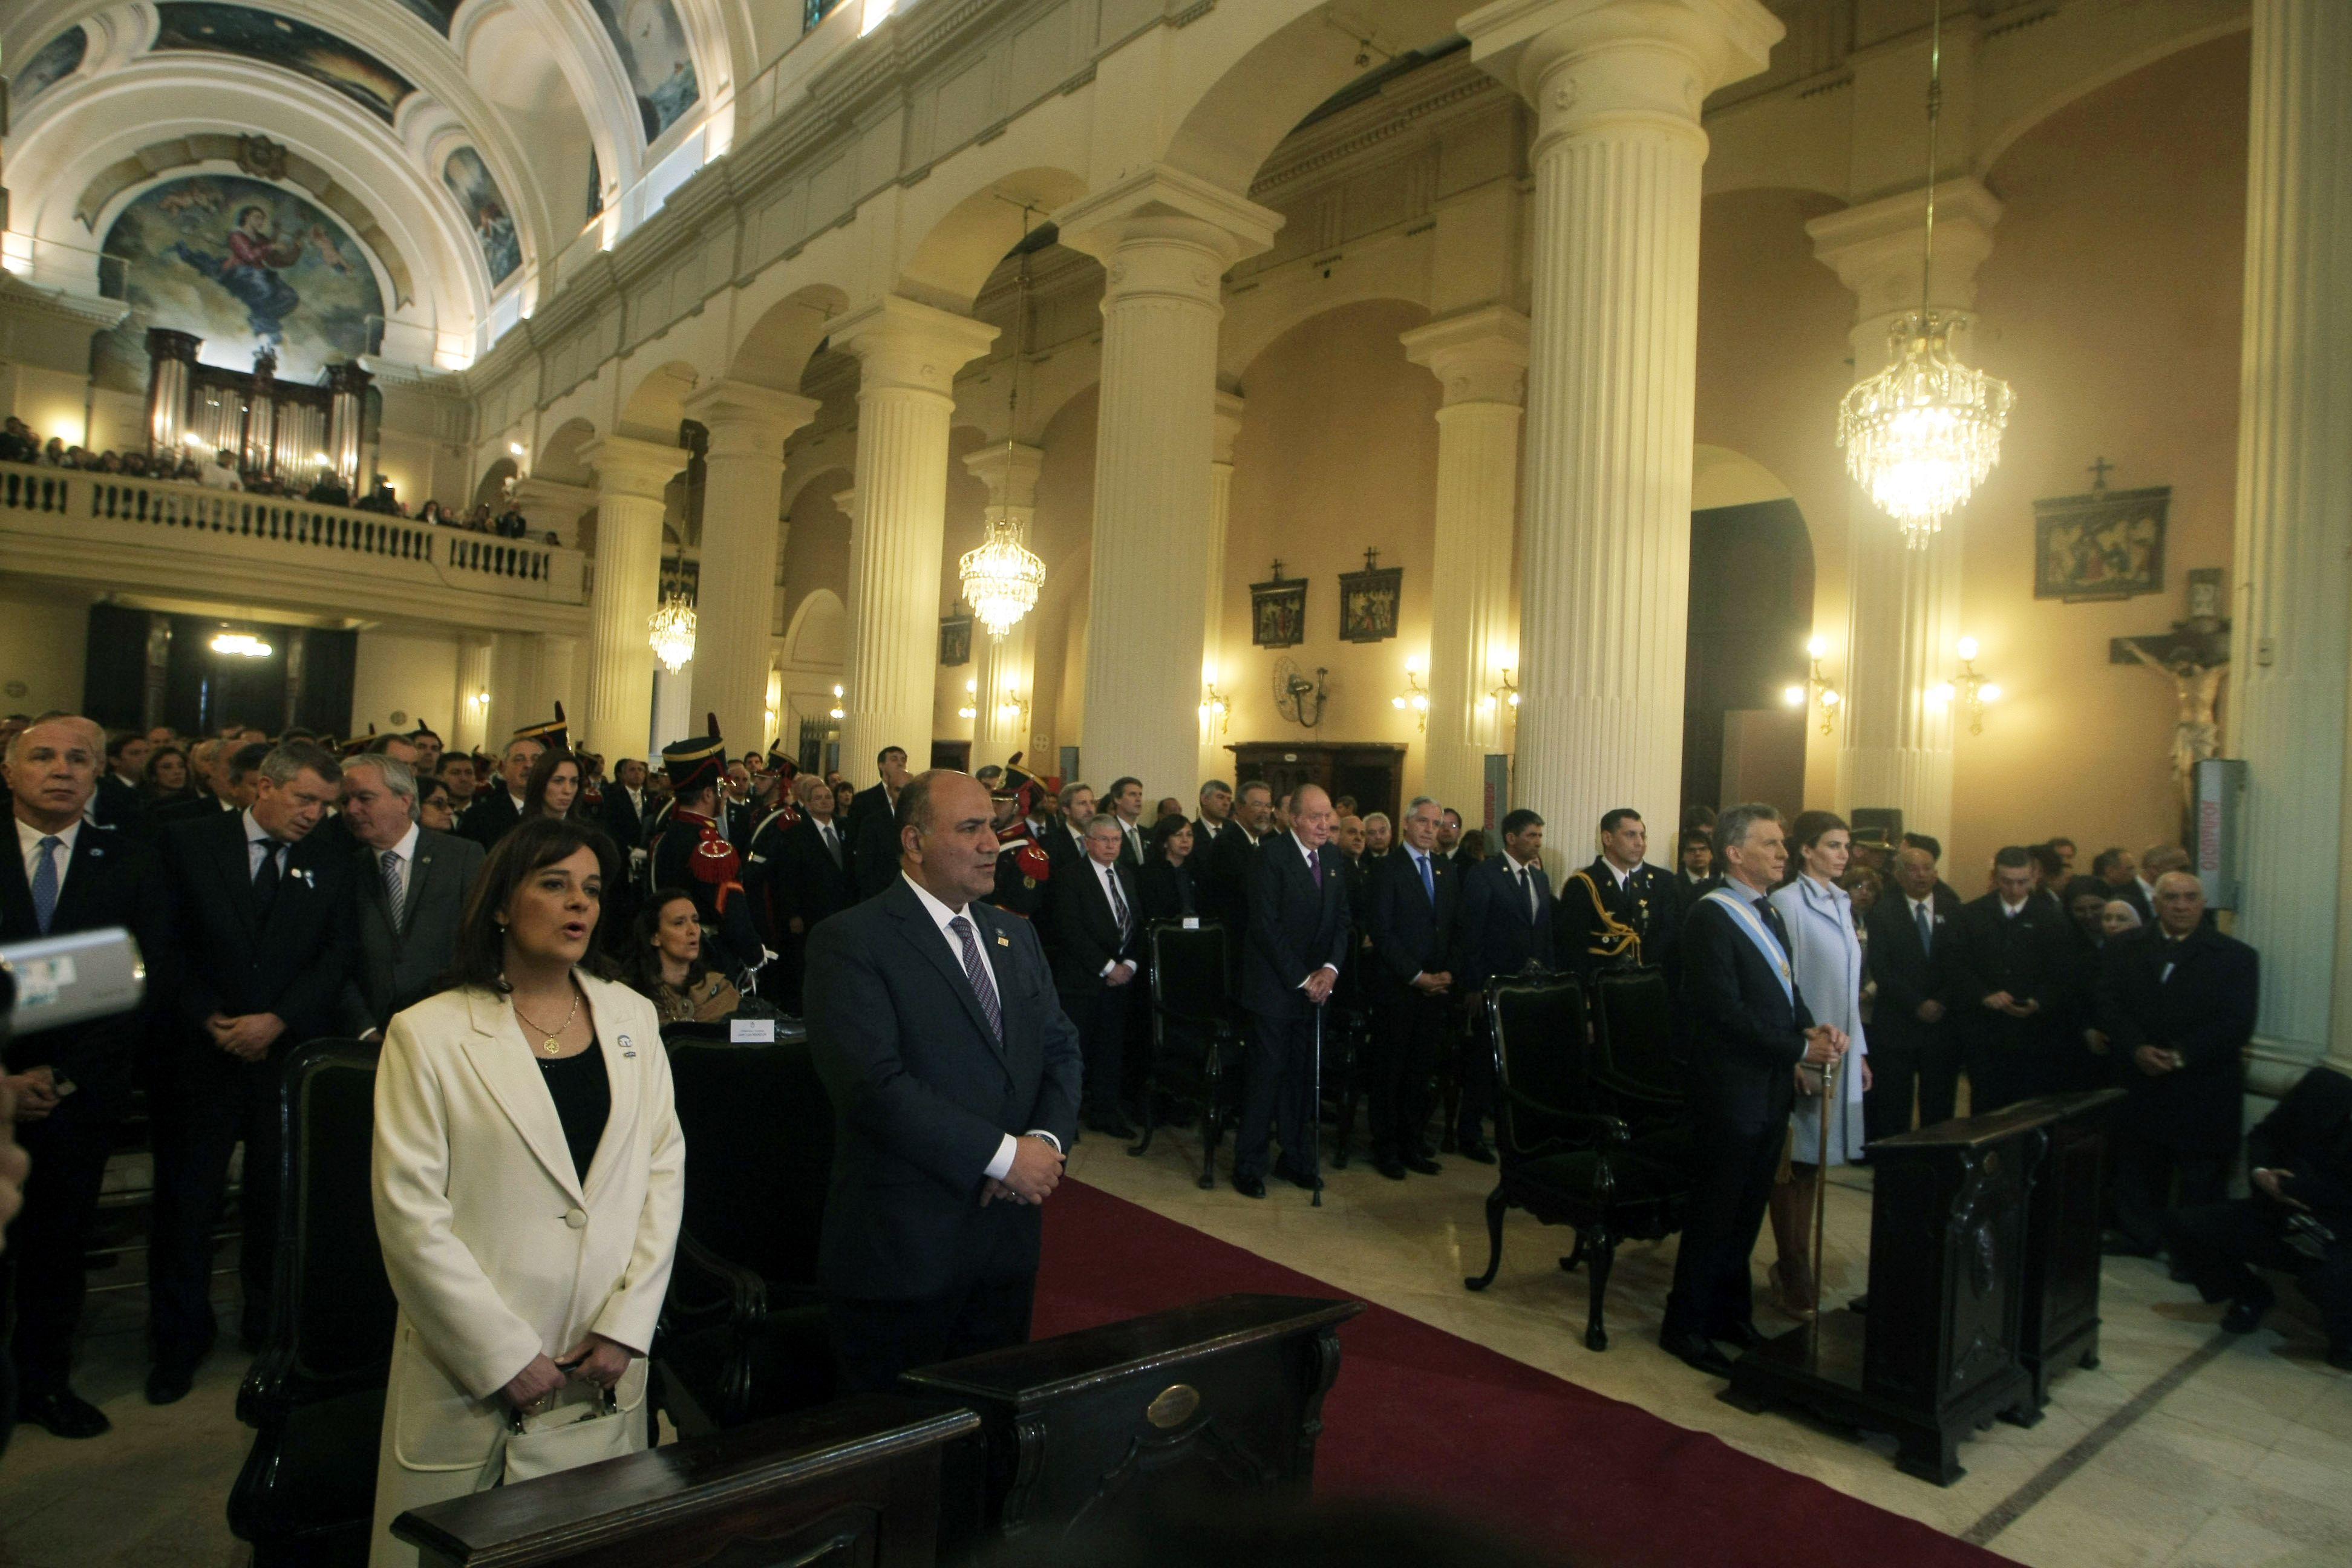 Macri asistió al Tedeum por el Bicentenario: No es un día para ahondar la grieta, pidió la Iglesia